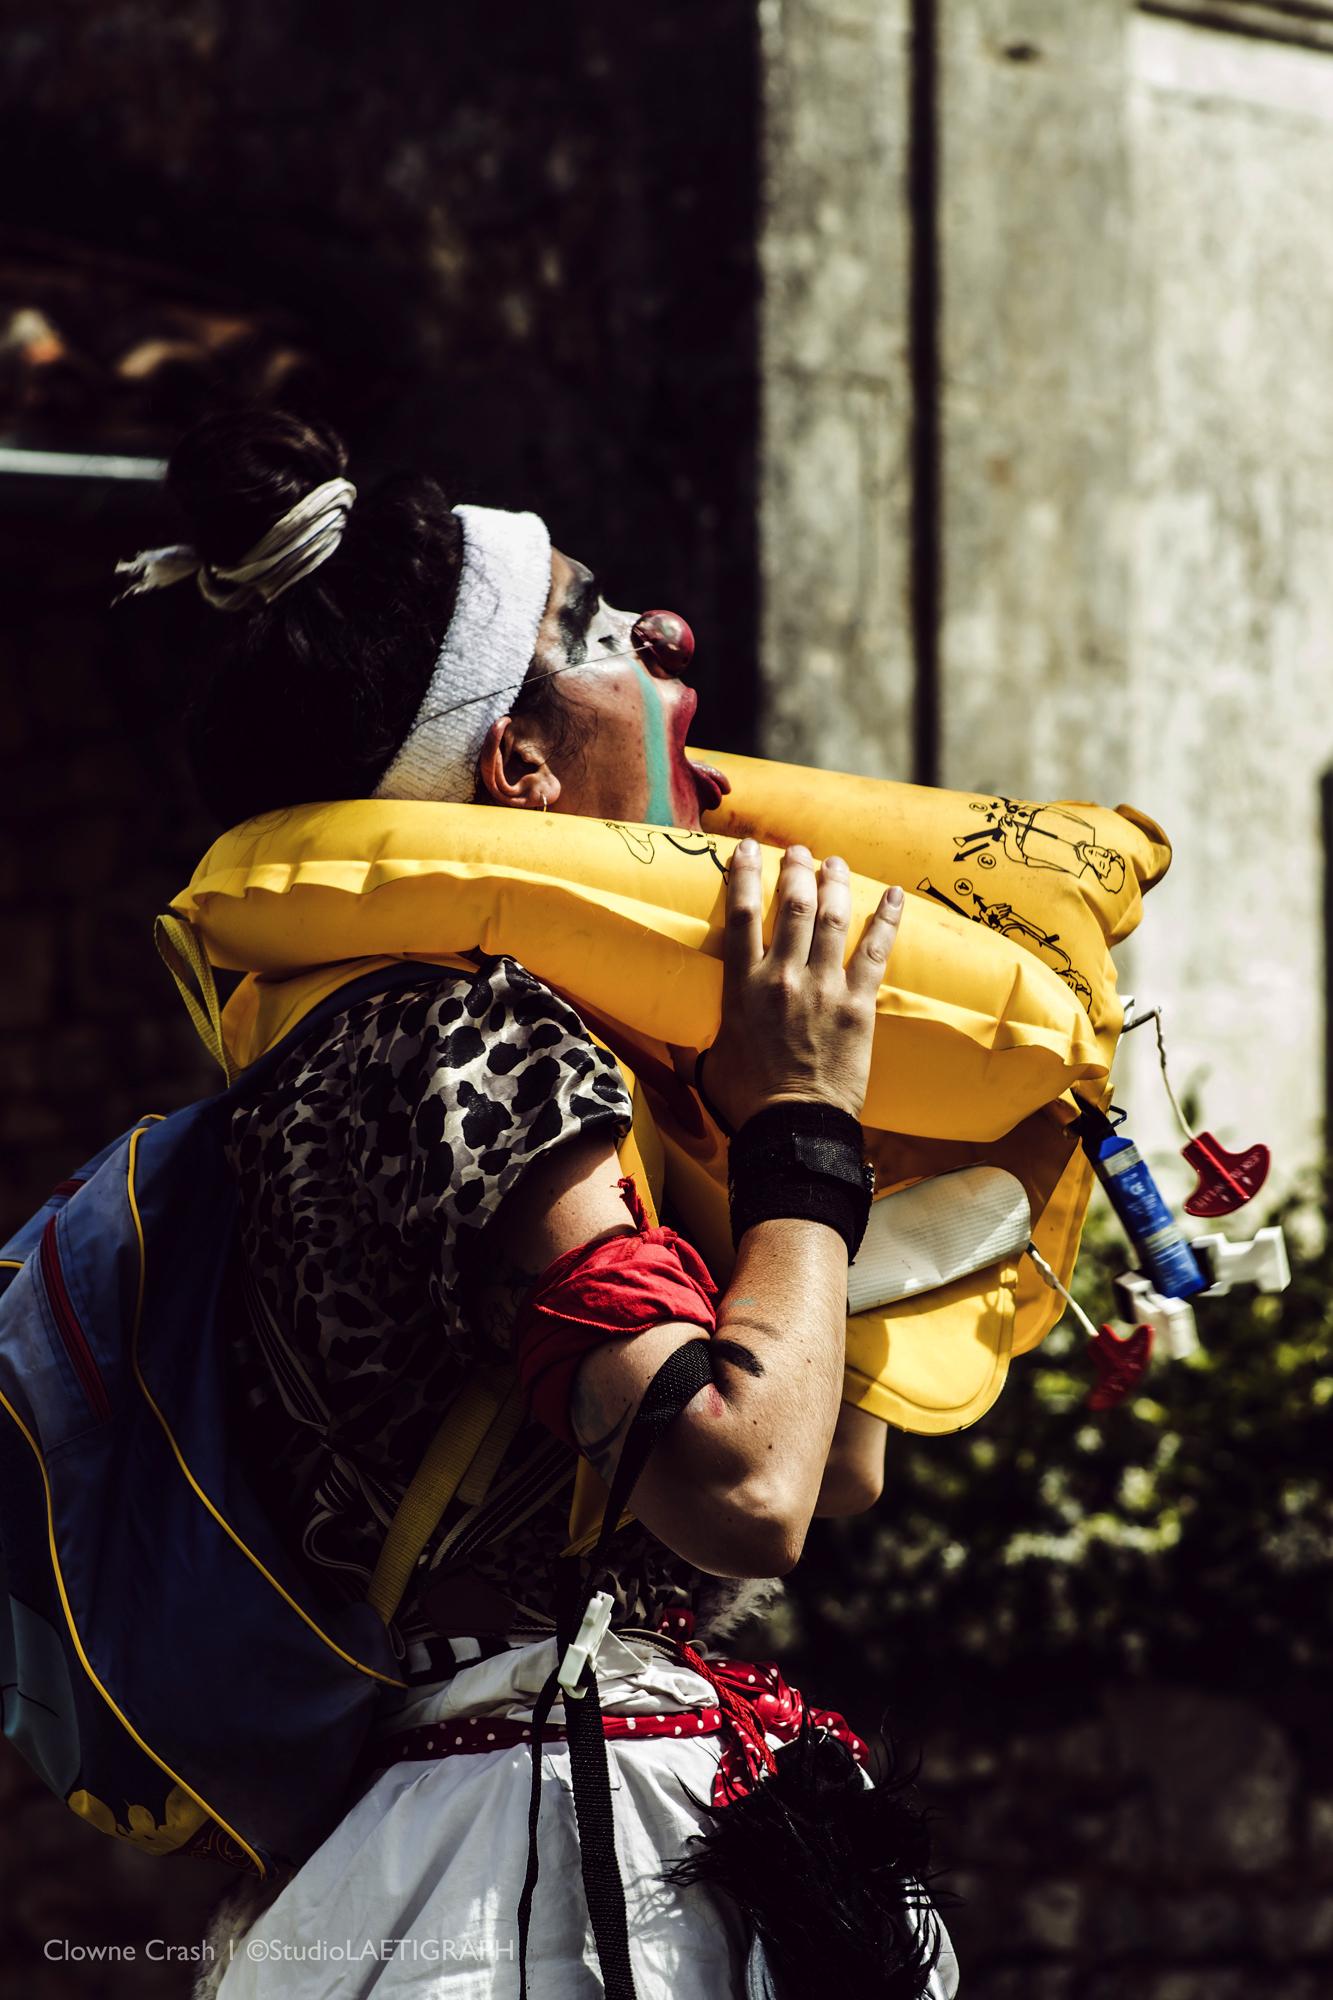 LMDCB21_Clowne Crash 1-6